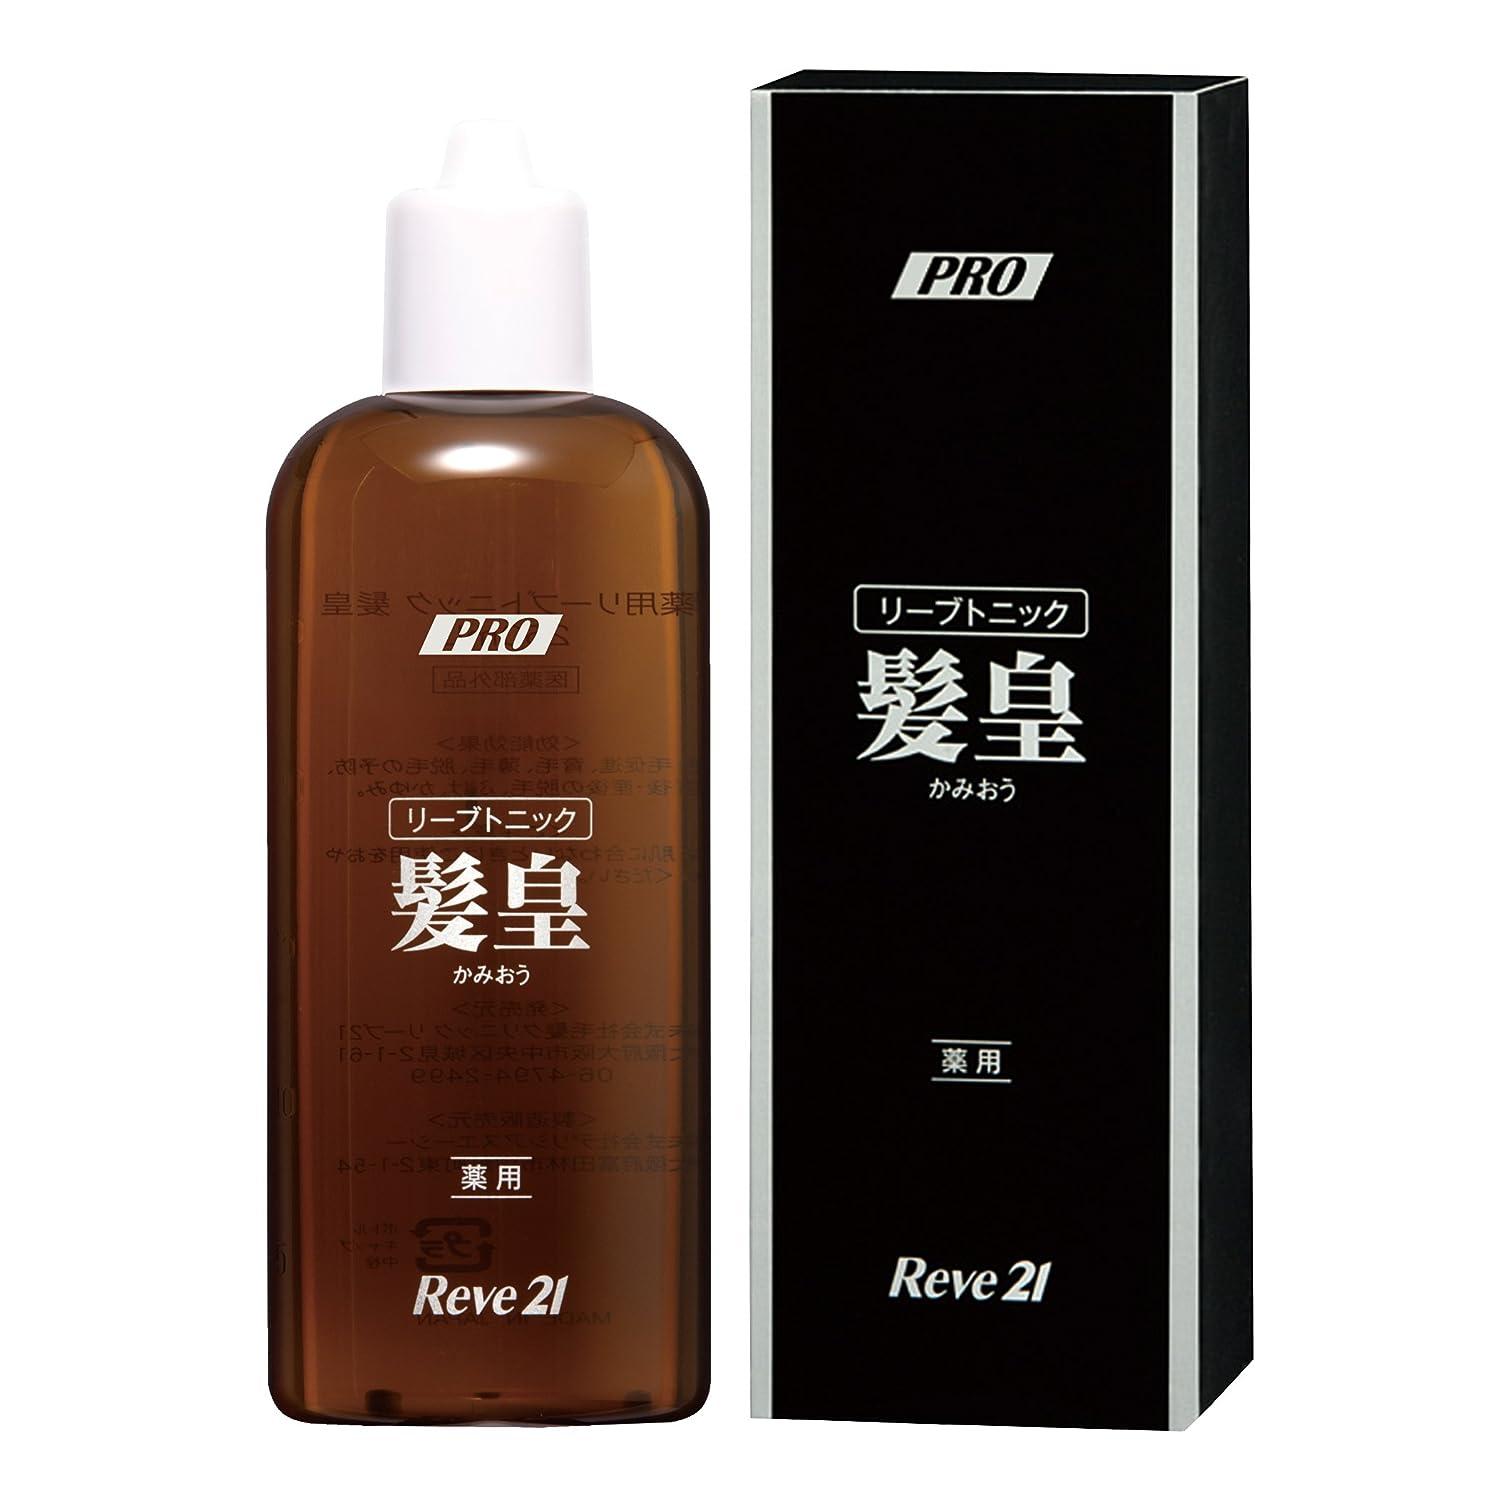 その結果採用不十分なリーブ21 薬用リーブトニック髪皇 250ml 薬用 薬用シャンプー 育毛 育毛シャンプー